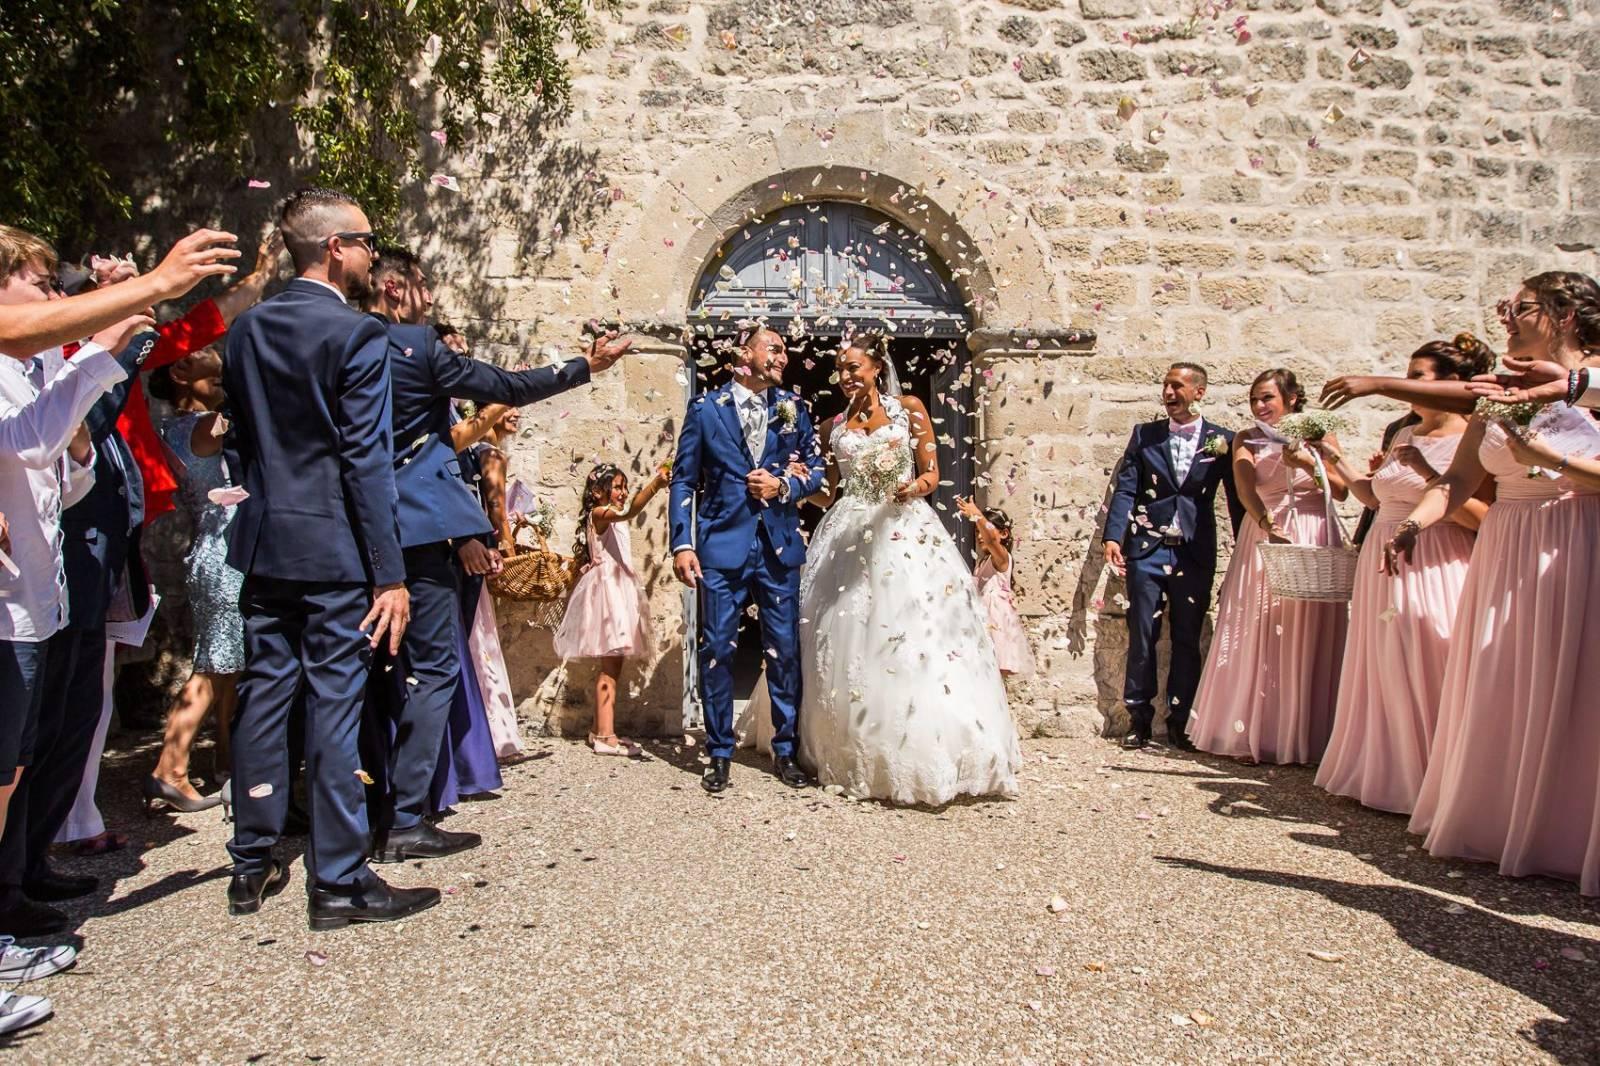 Cinderella Photographie - Trouwen in frankrijk - Huwelijksfotograaf - Trouwfotograaf - House of Weddings - 31